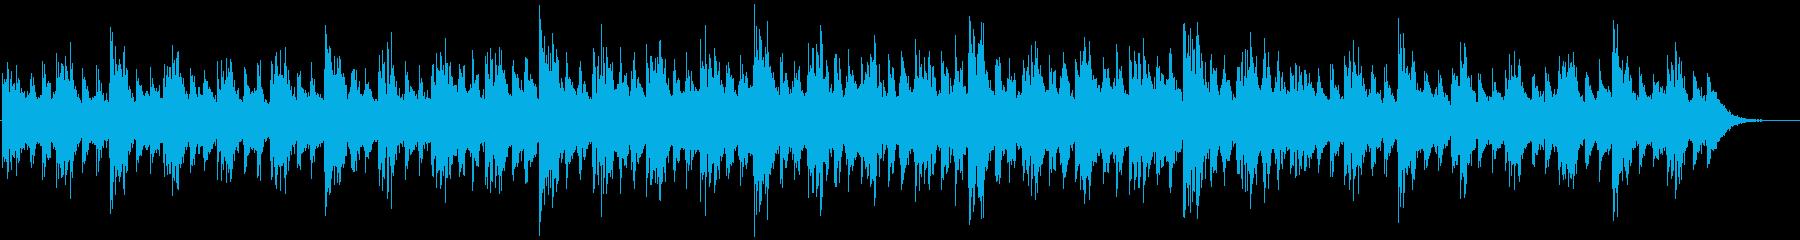 ミニマル系 科学系動画やアニメなどの再生済みの波形